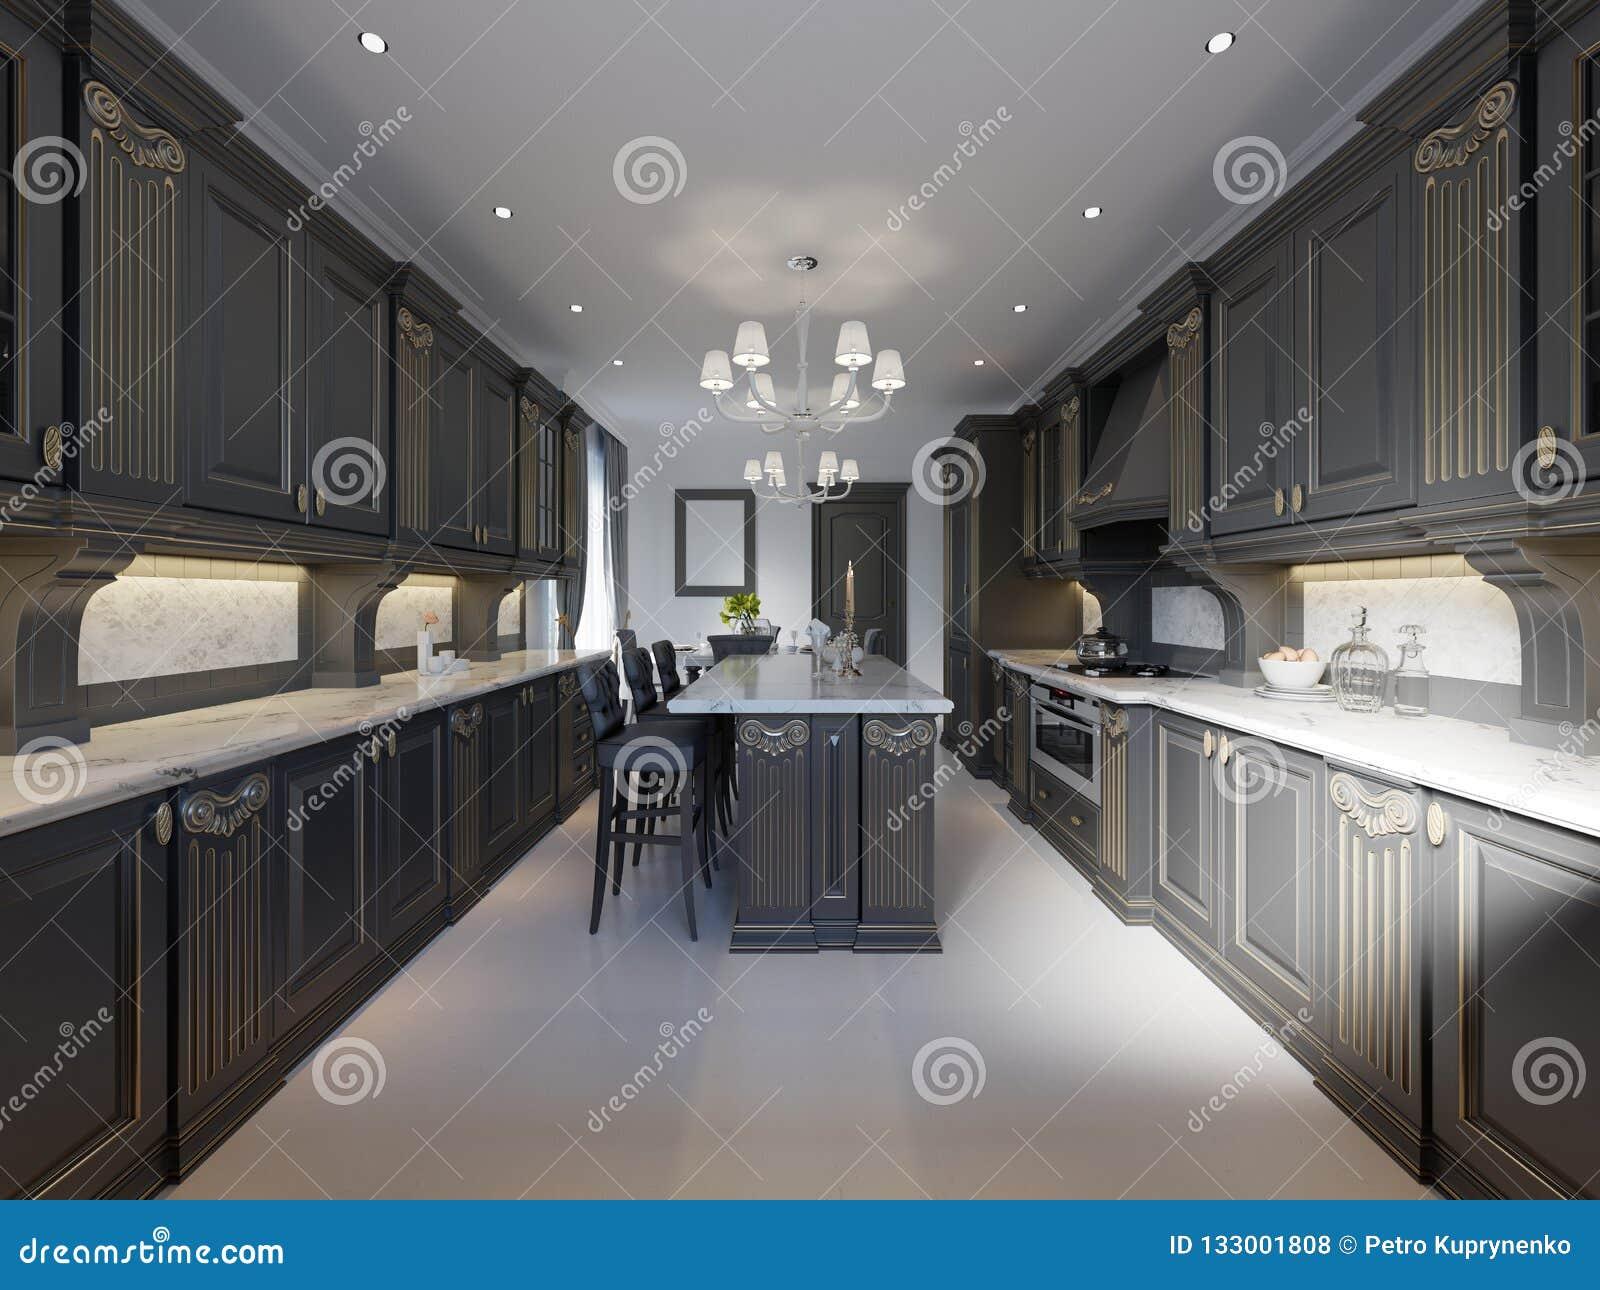 Classic Kitchen Modern Minimal Interior Design With Wooden Details